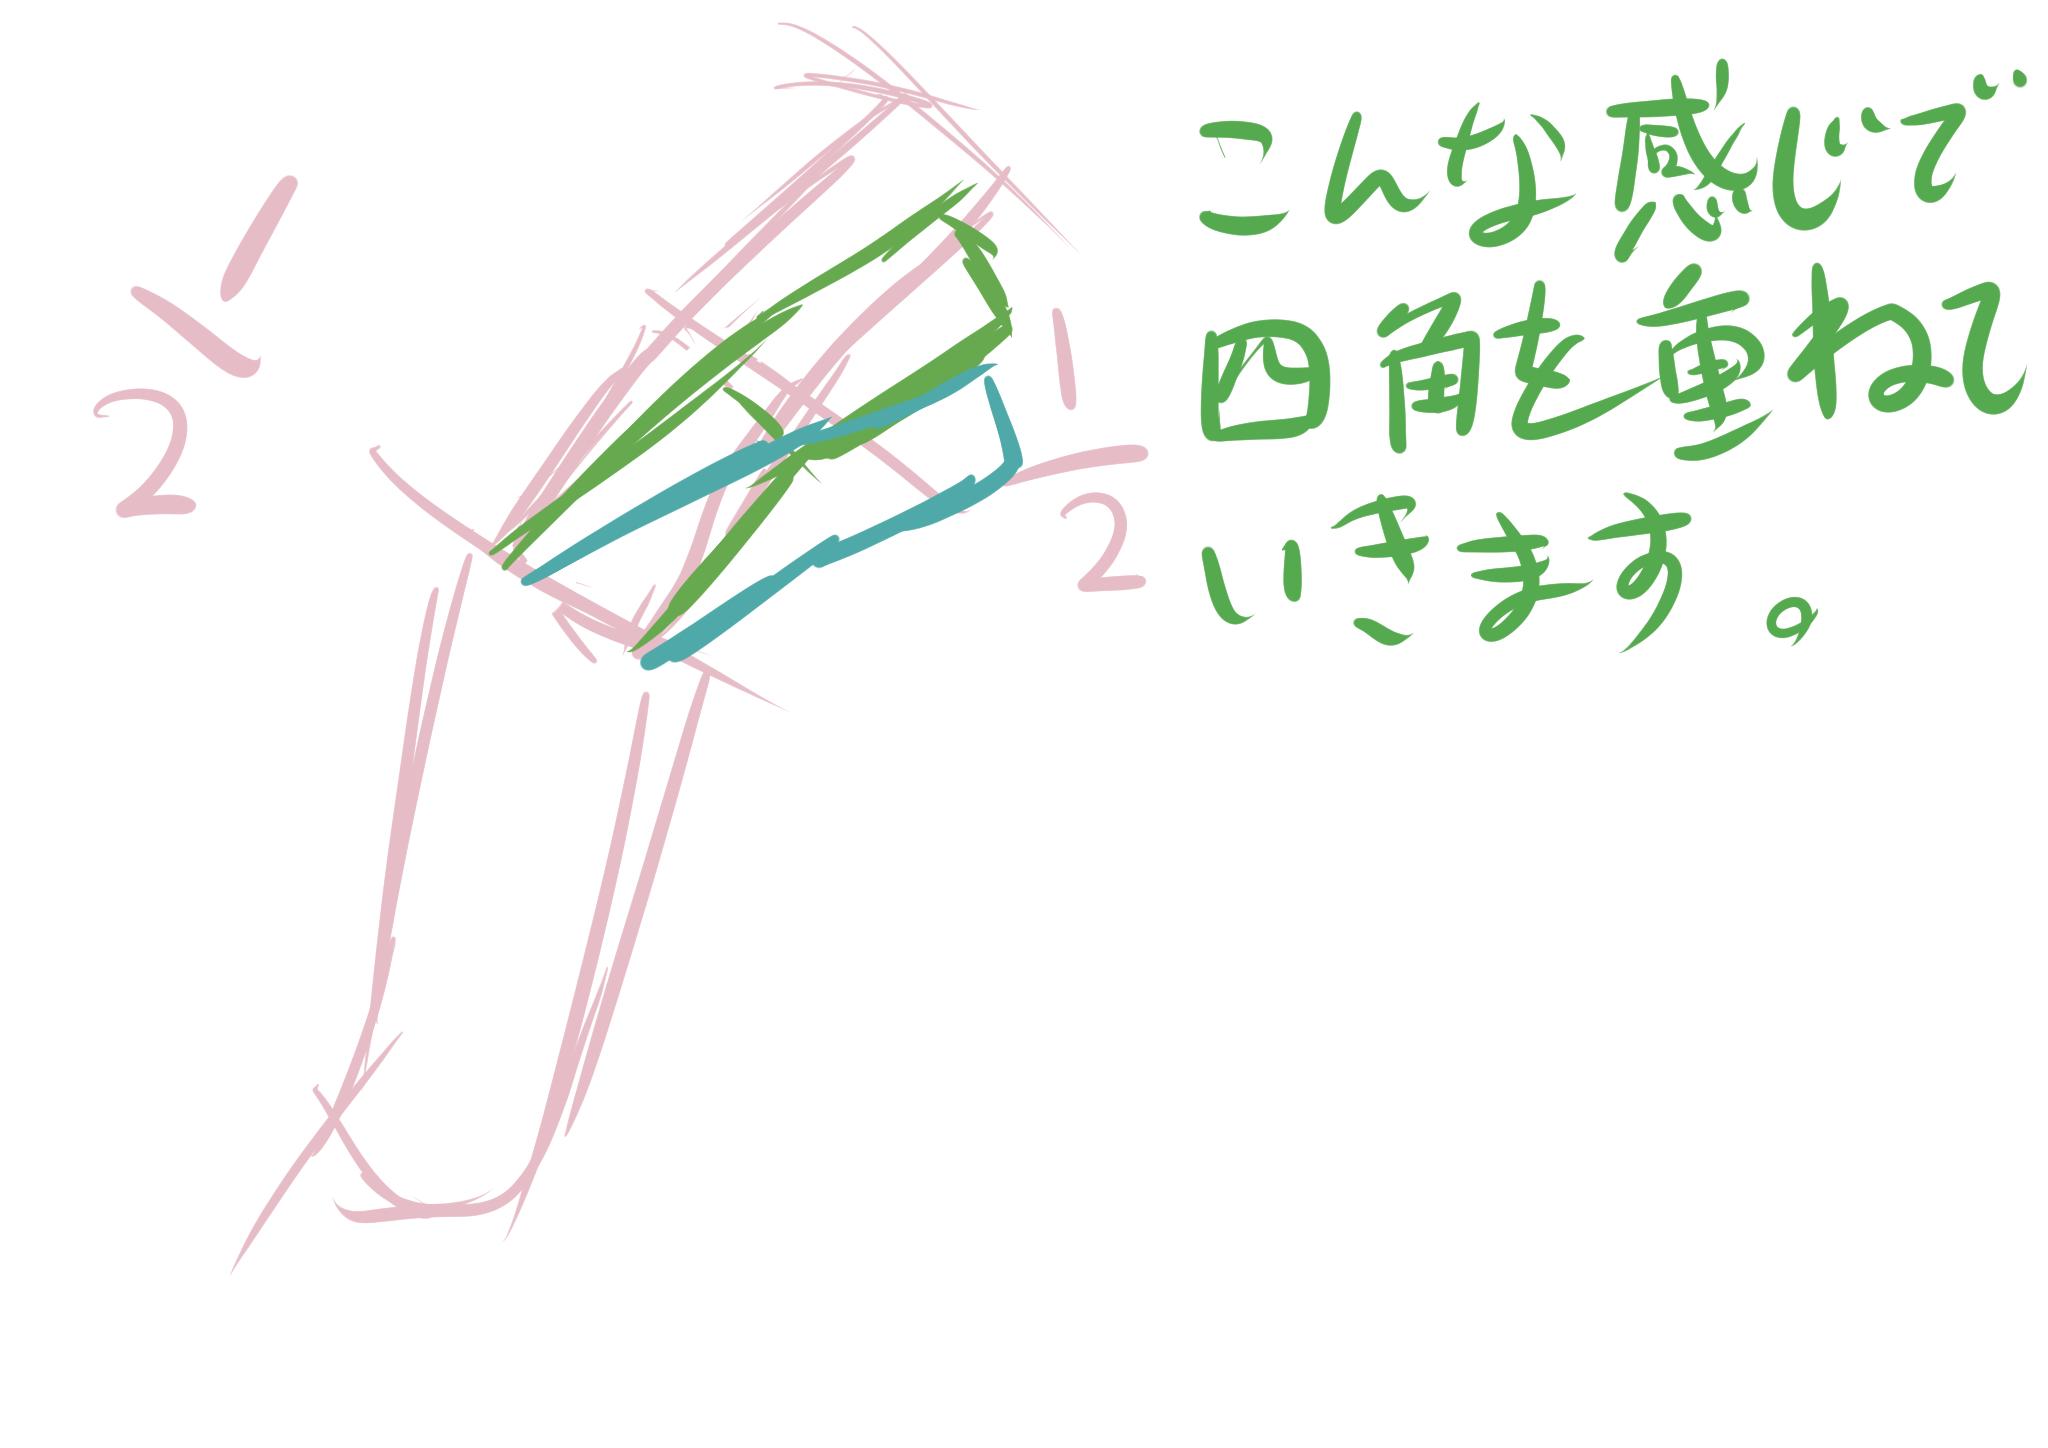 手の書き方を考える4